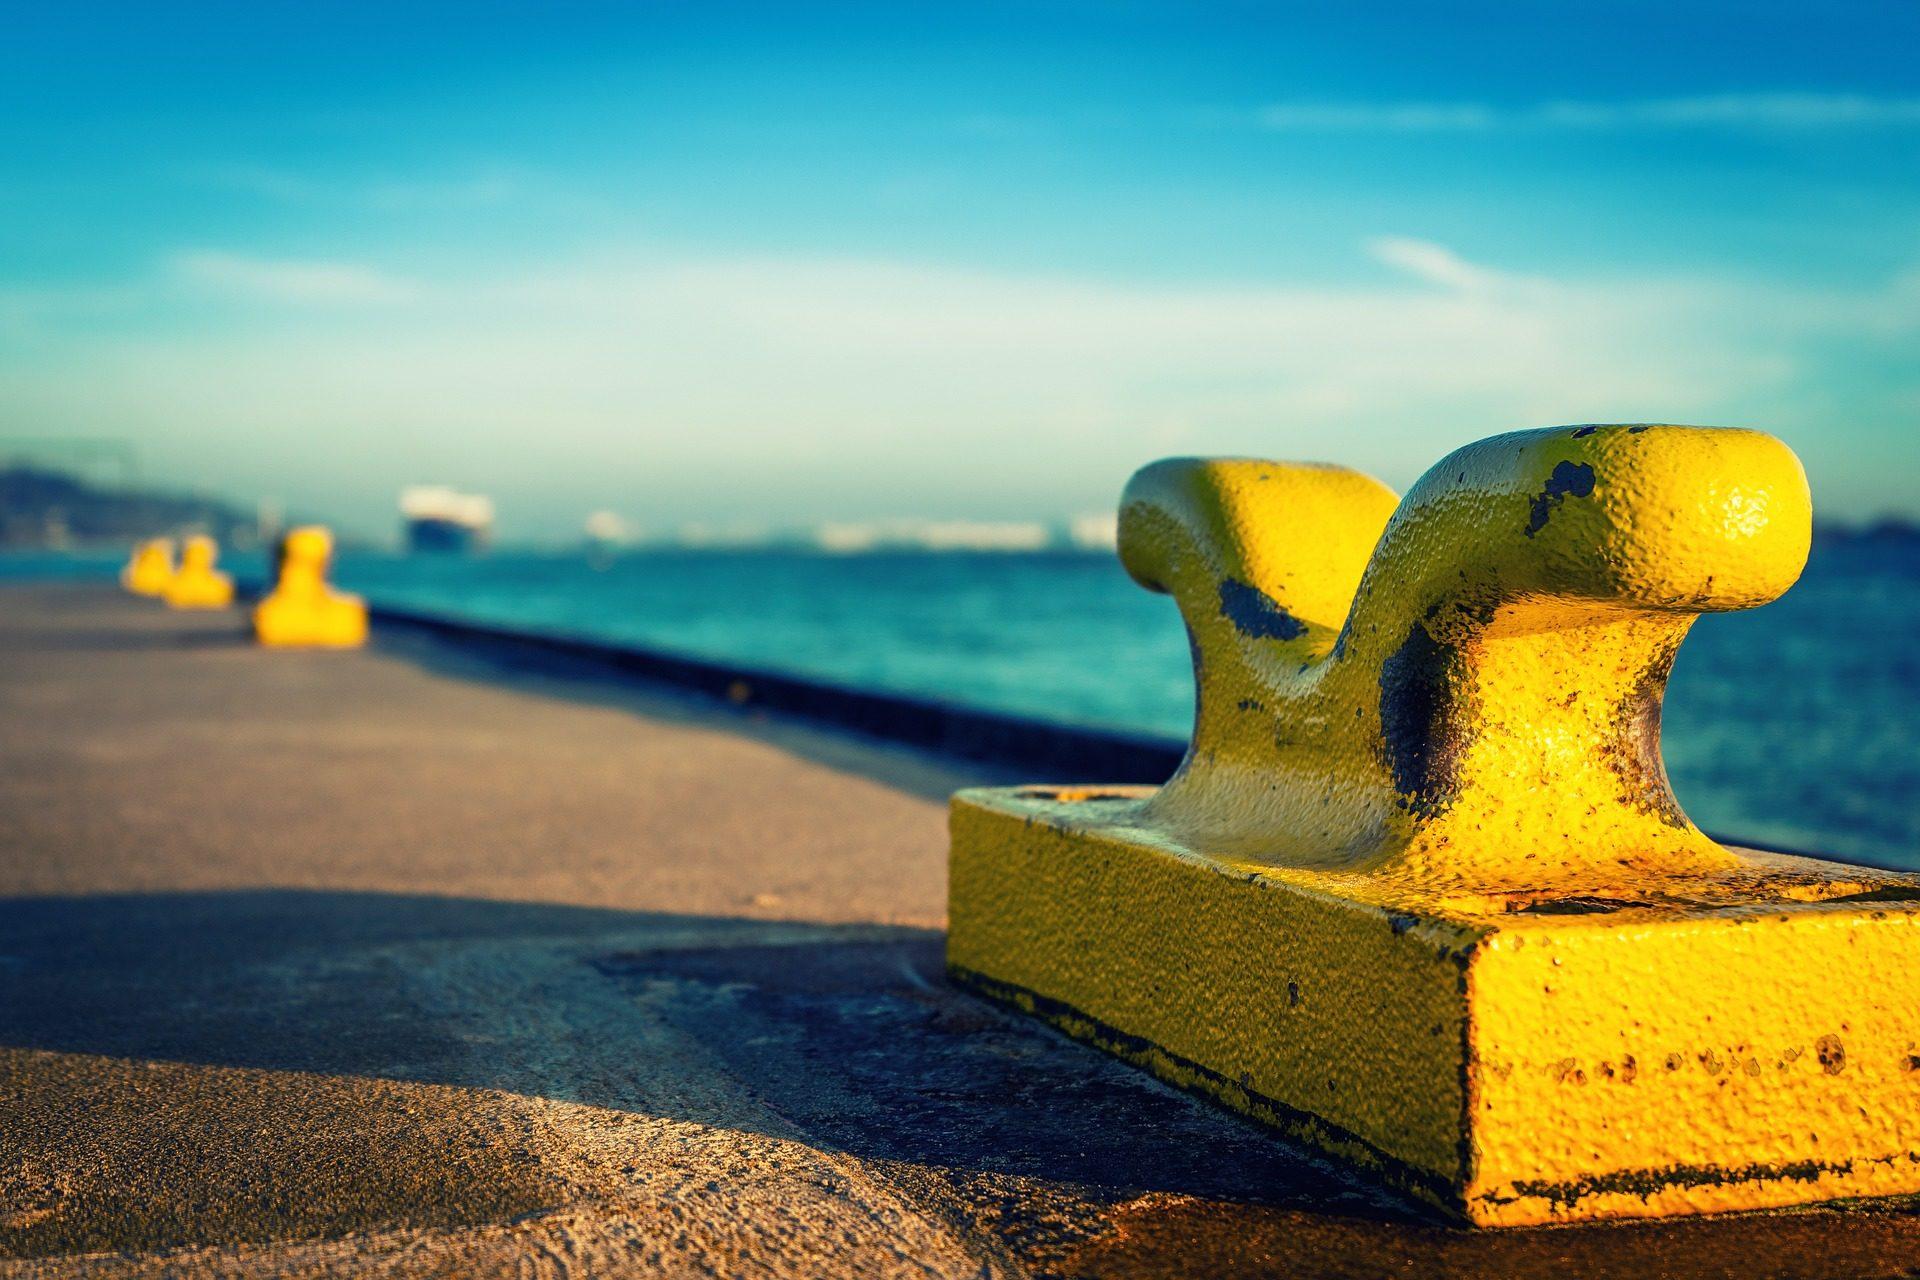 port, amarrage, Mer, Île d'Elbe, Hamburgo - Fonds d'écran HD - Professor-falken.com